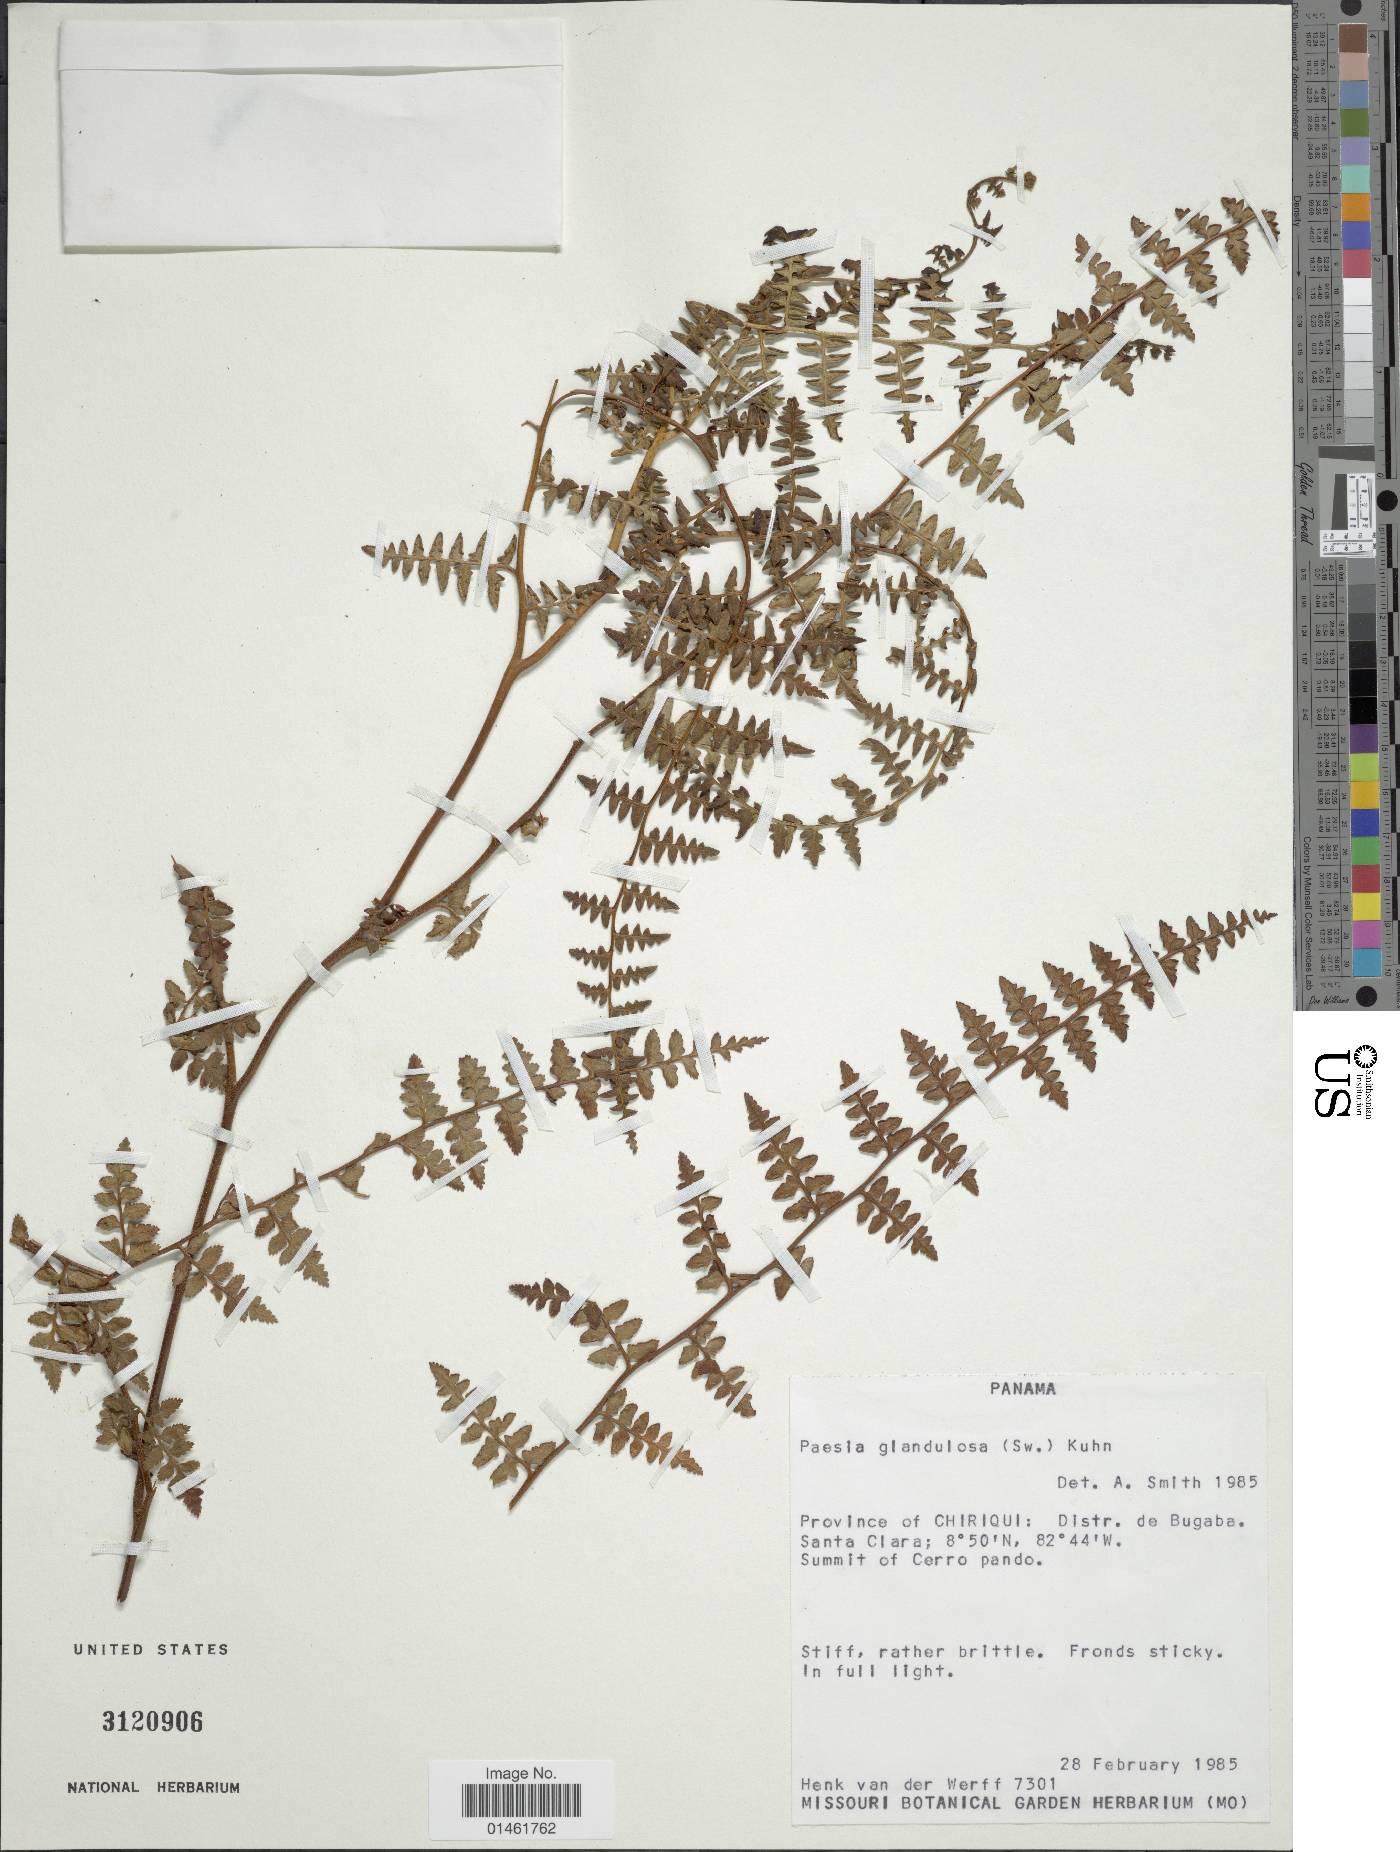 Paesia glandulosa image